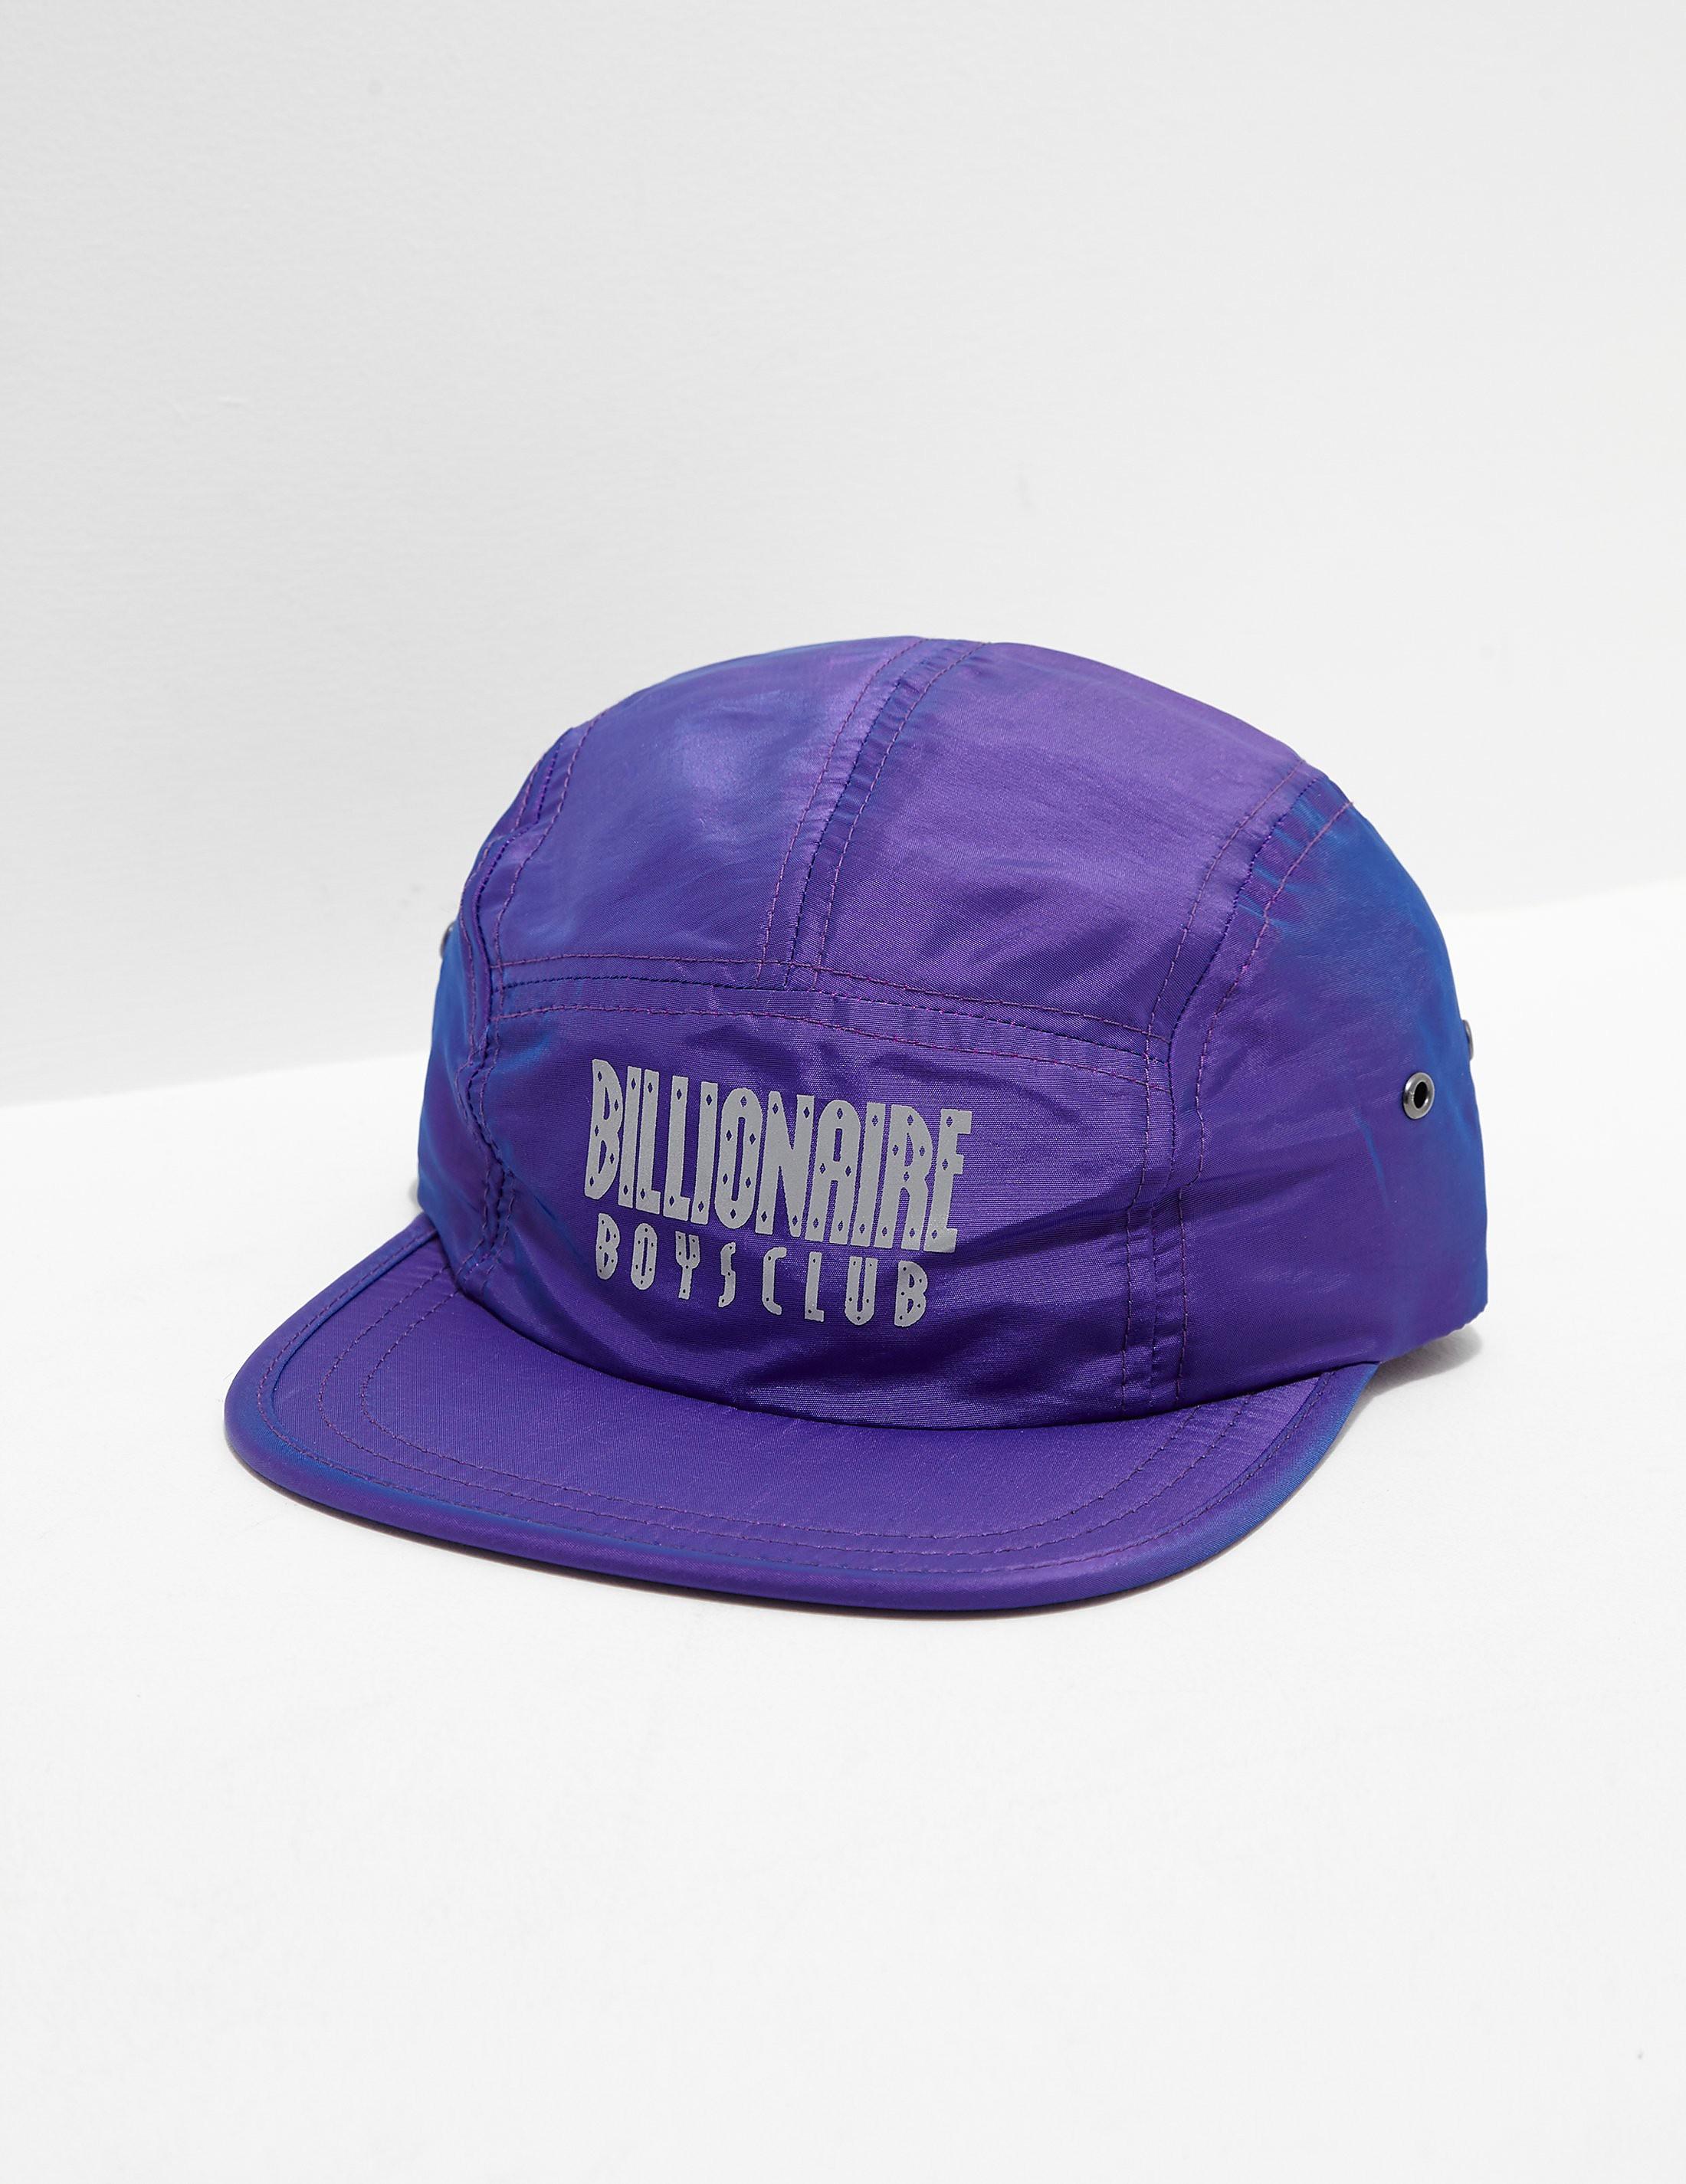 Billionaire Boys Club Iridescent Cap